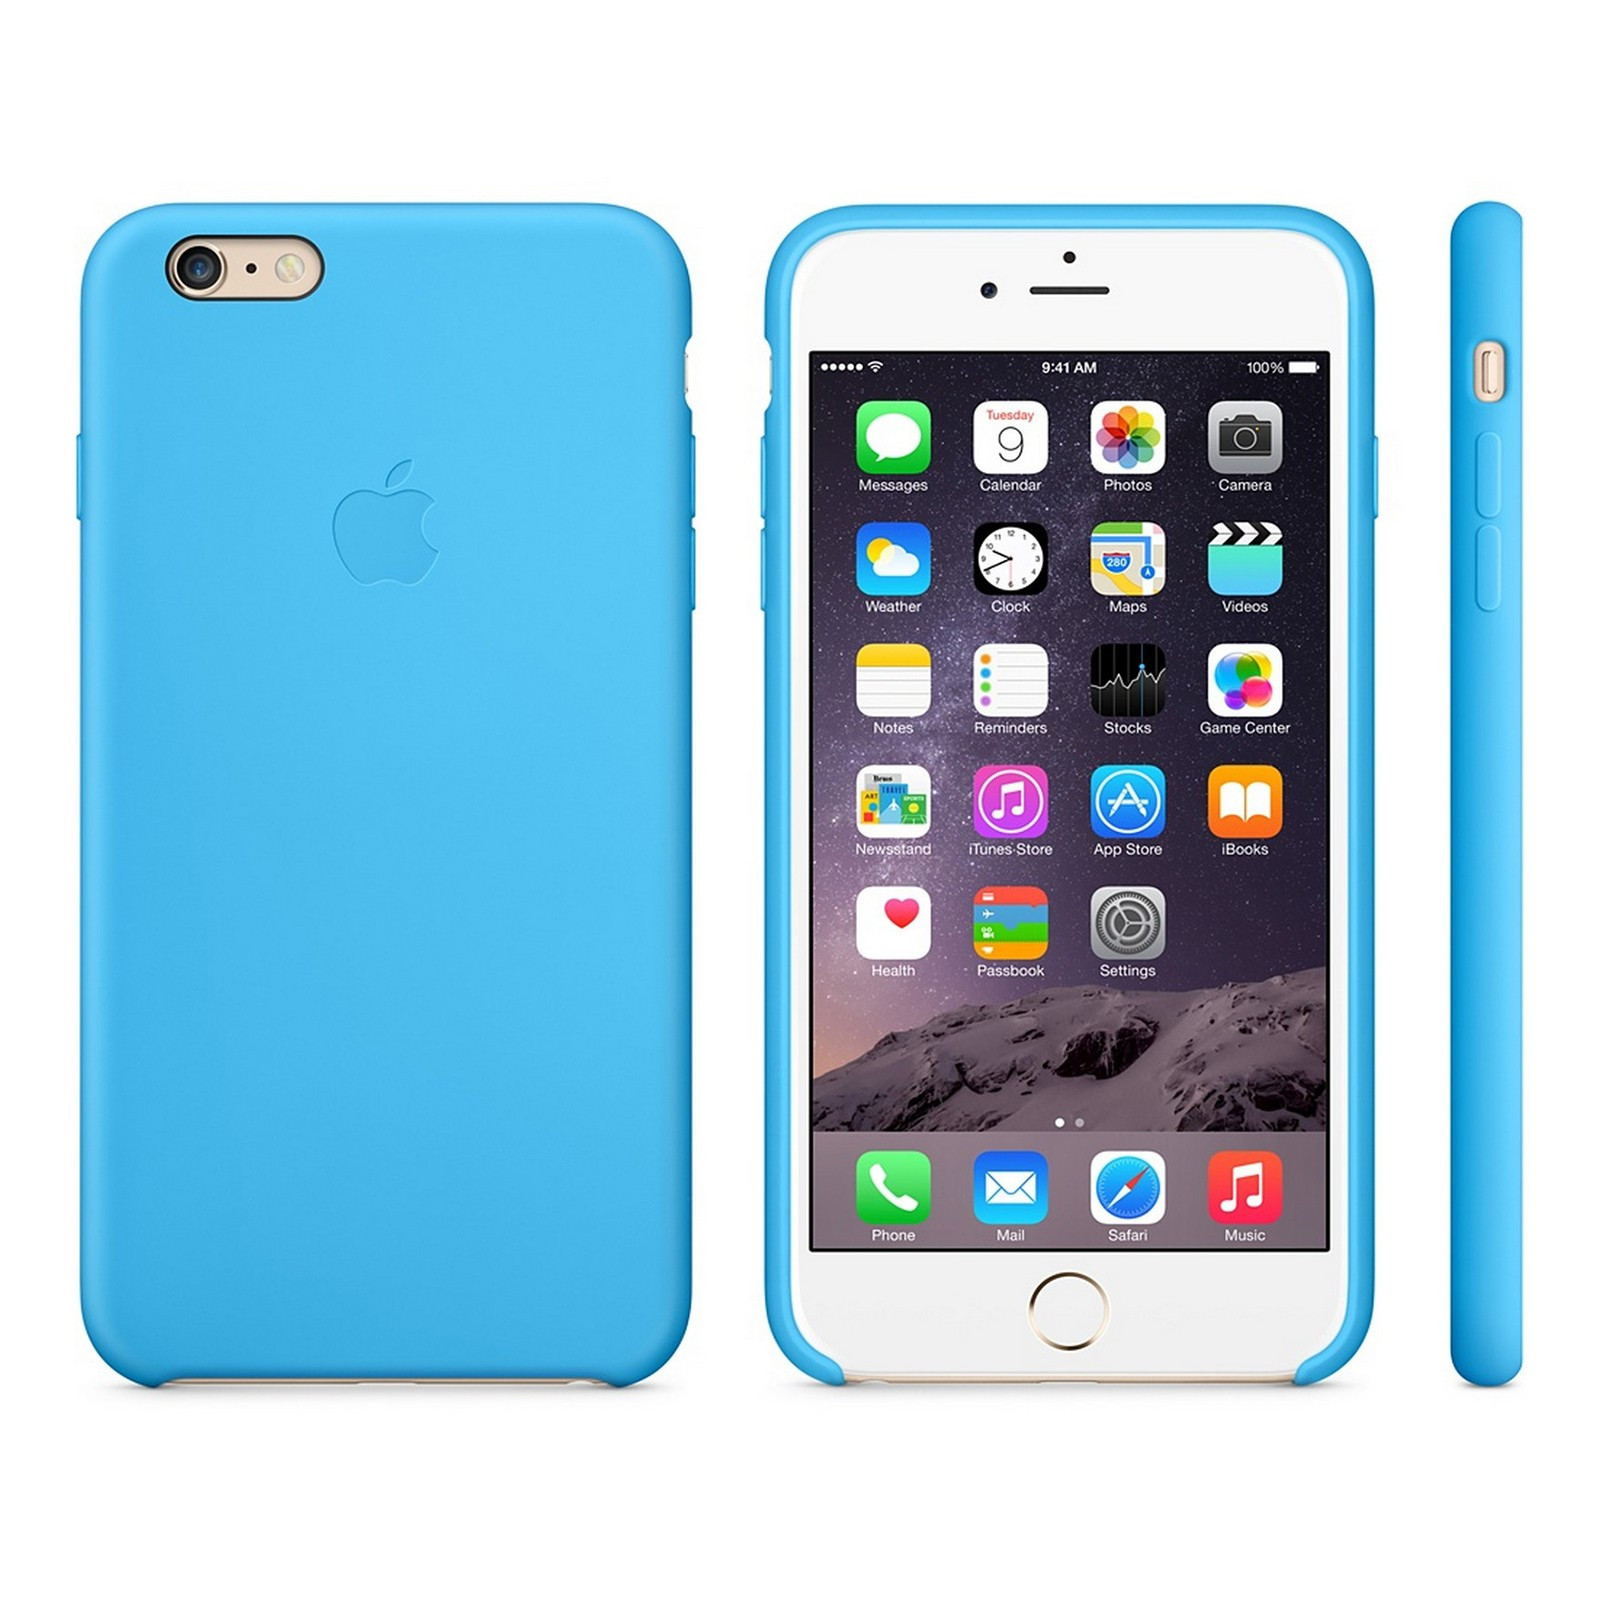 custodia originale apple per iphone 6